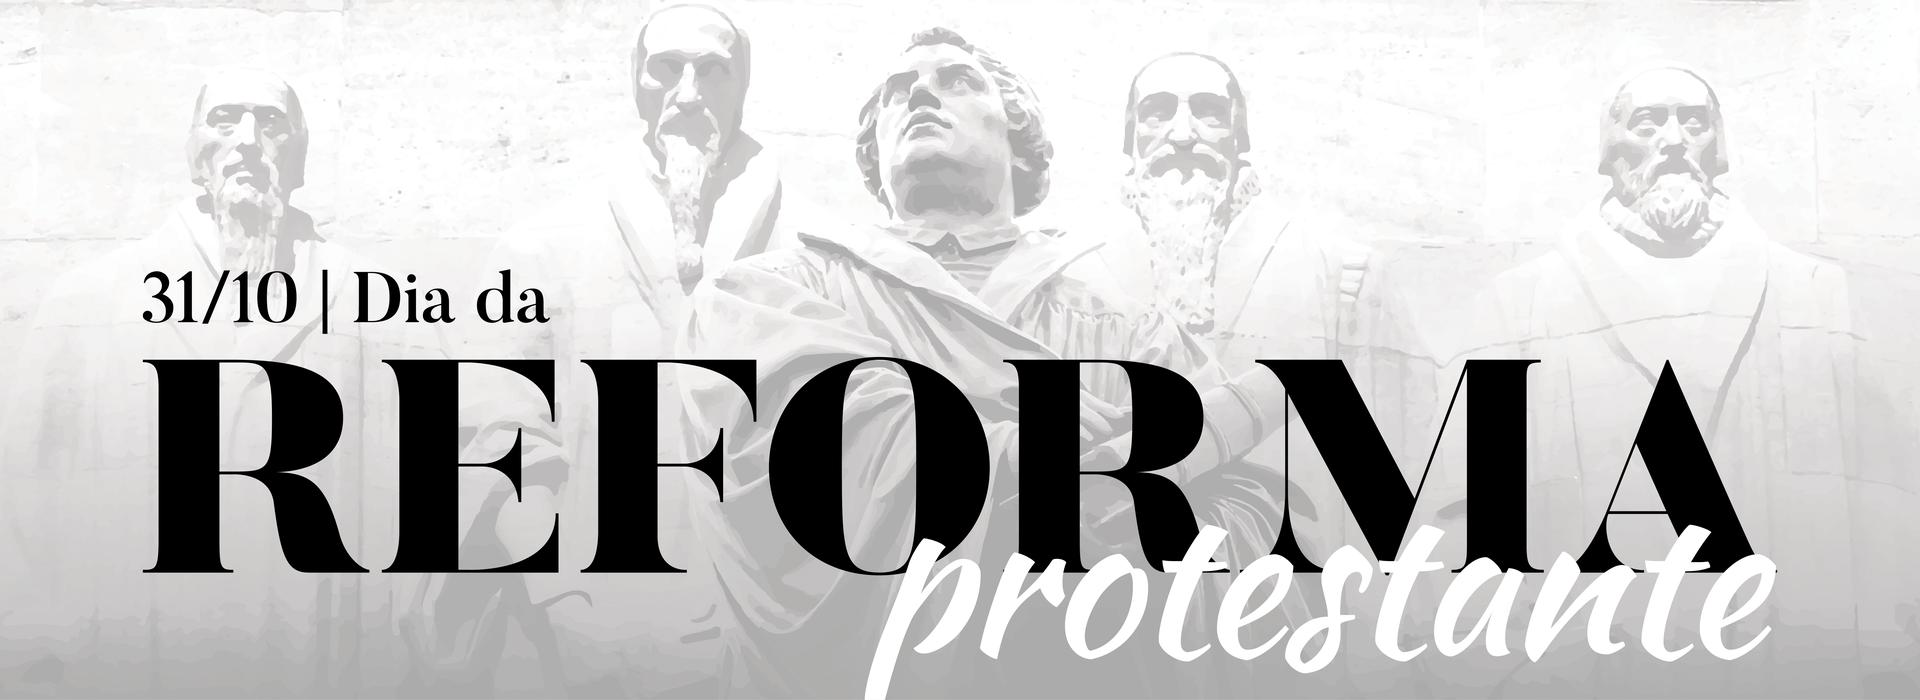 imagem com os pais da Reforma protestante em estátuas imponentes